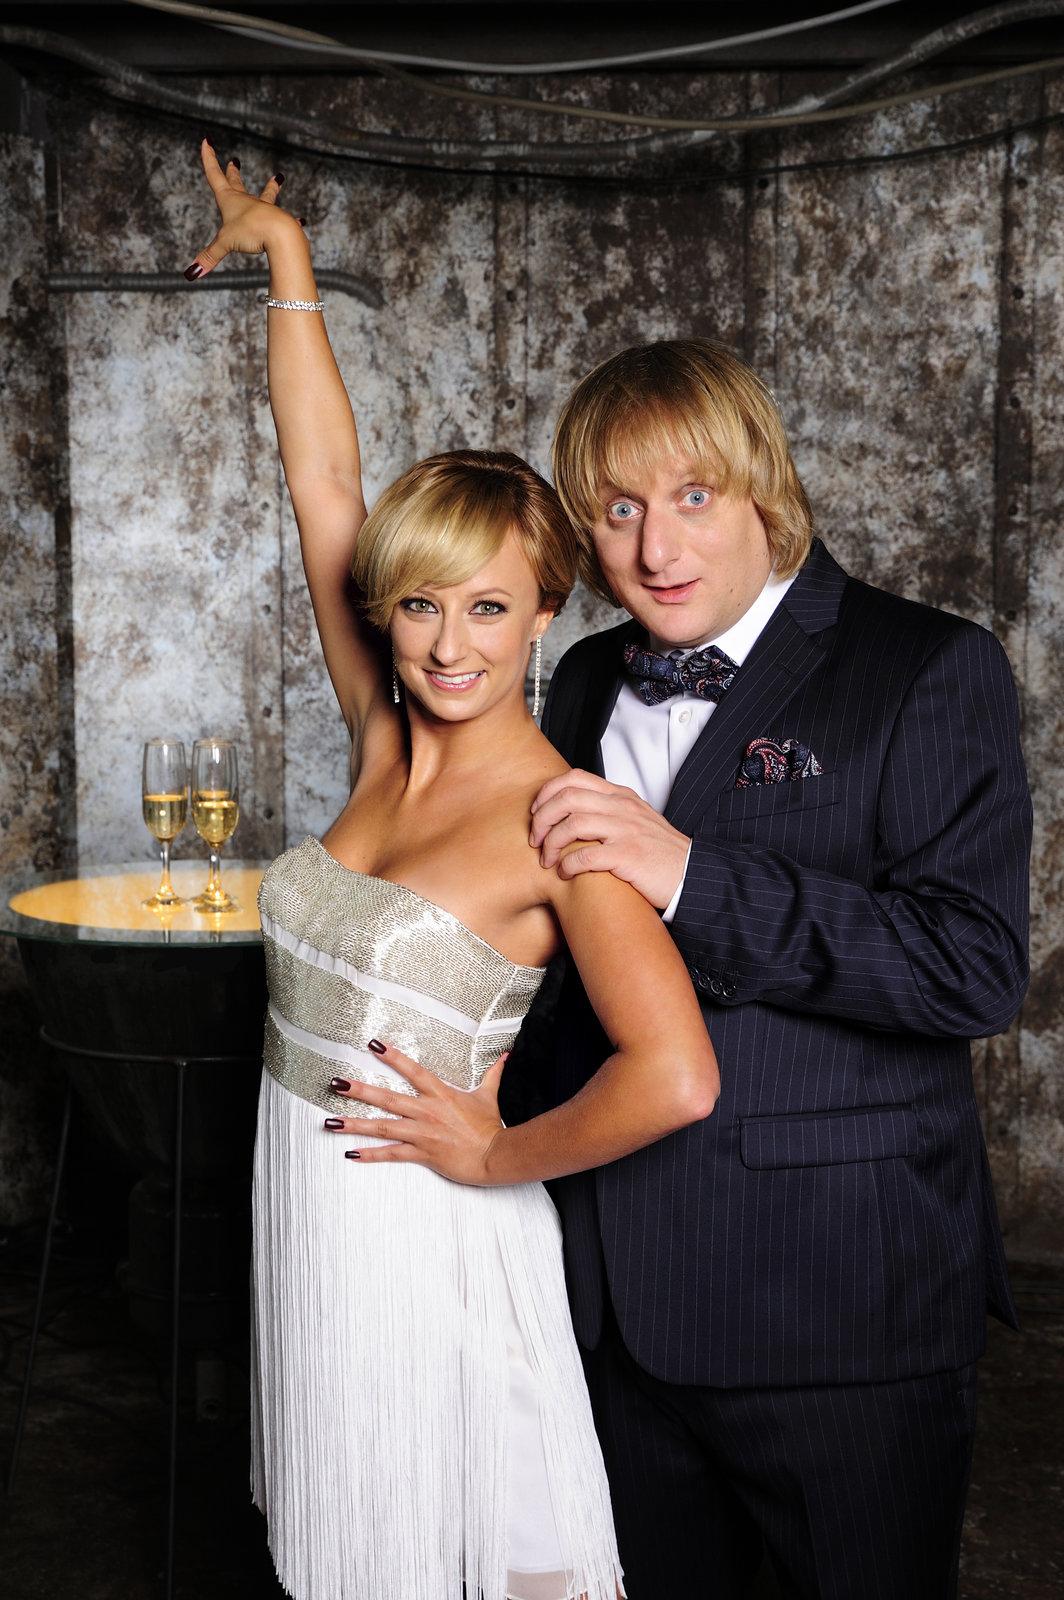 Lukáš Pavlásek je taneční »dřevo«, ale pod vedením Lucie Hunčárové se jeho pohyby mění v tanec.